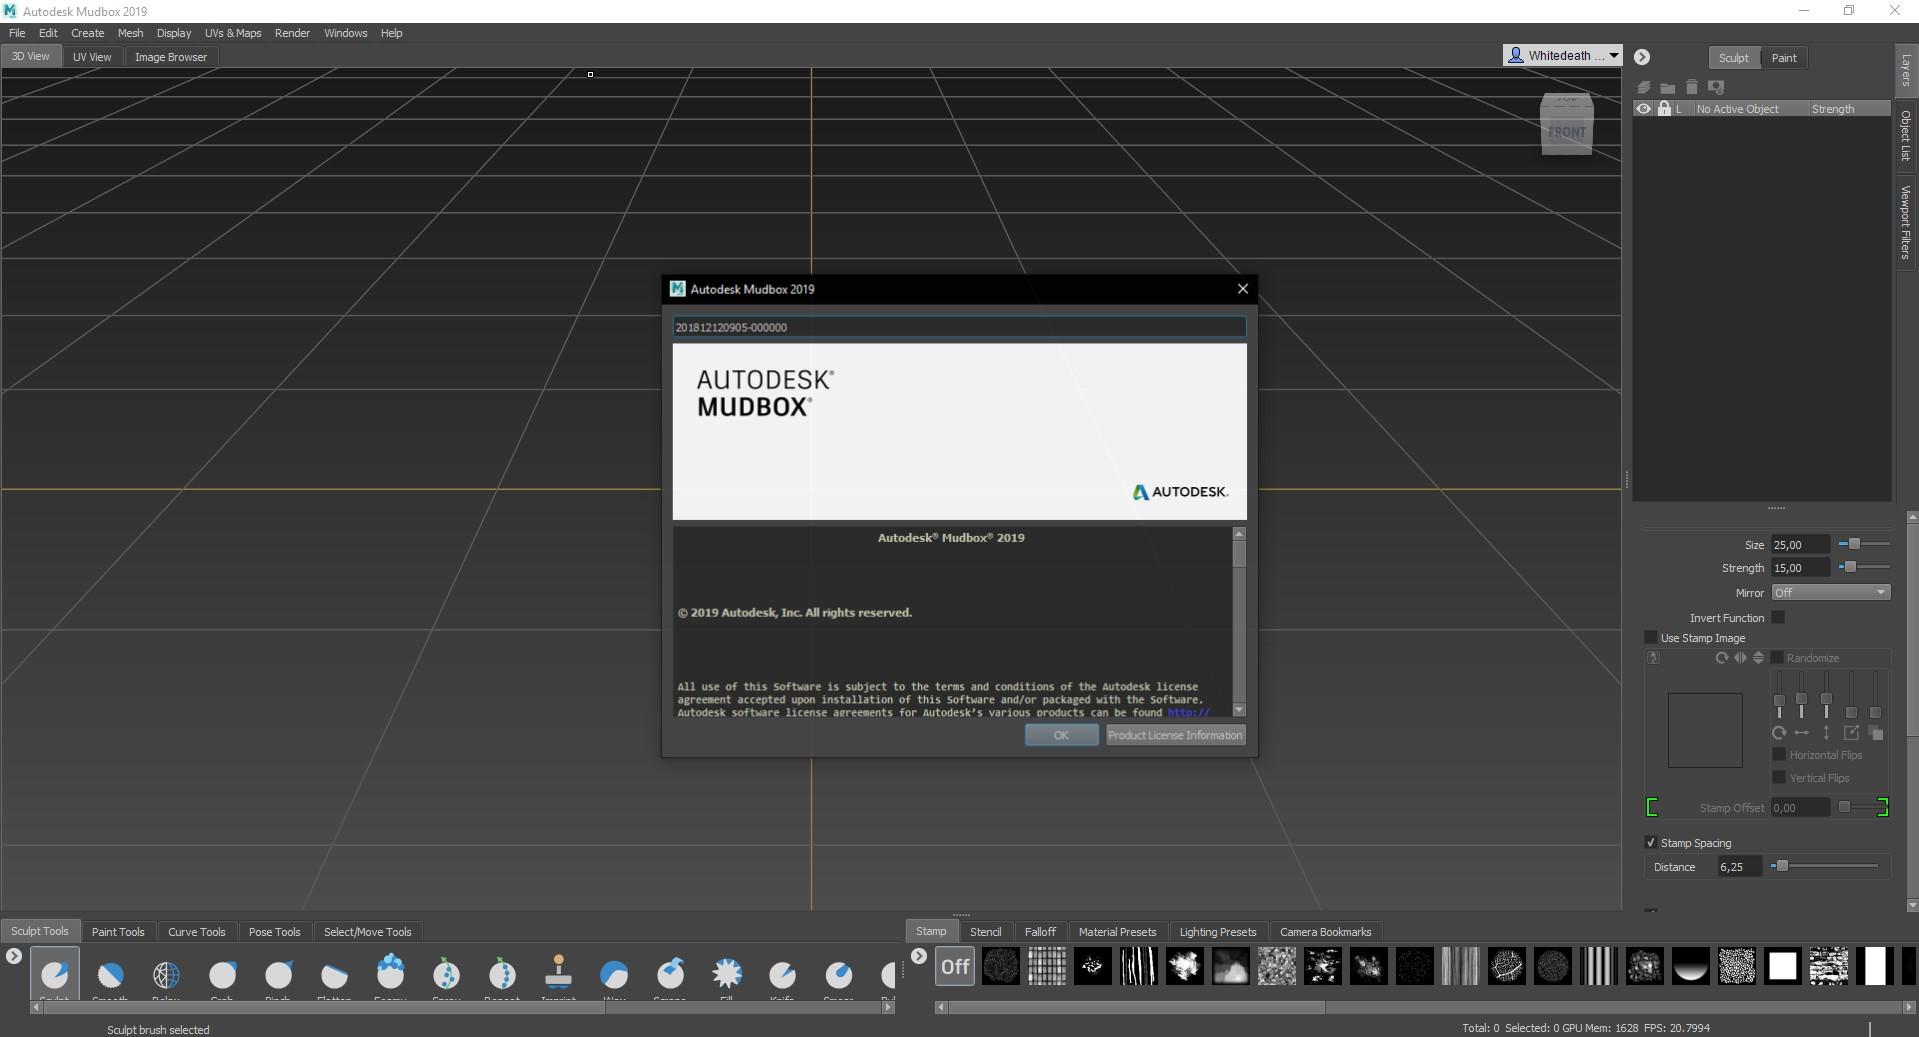 Download Autodesk Mudbox 2019 Multilanguage (x64) - SoftArchive